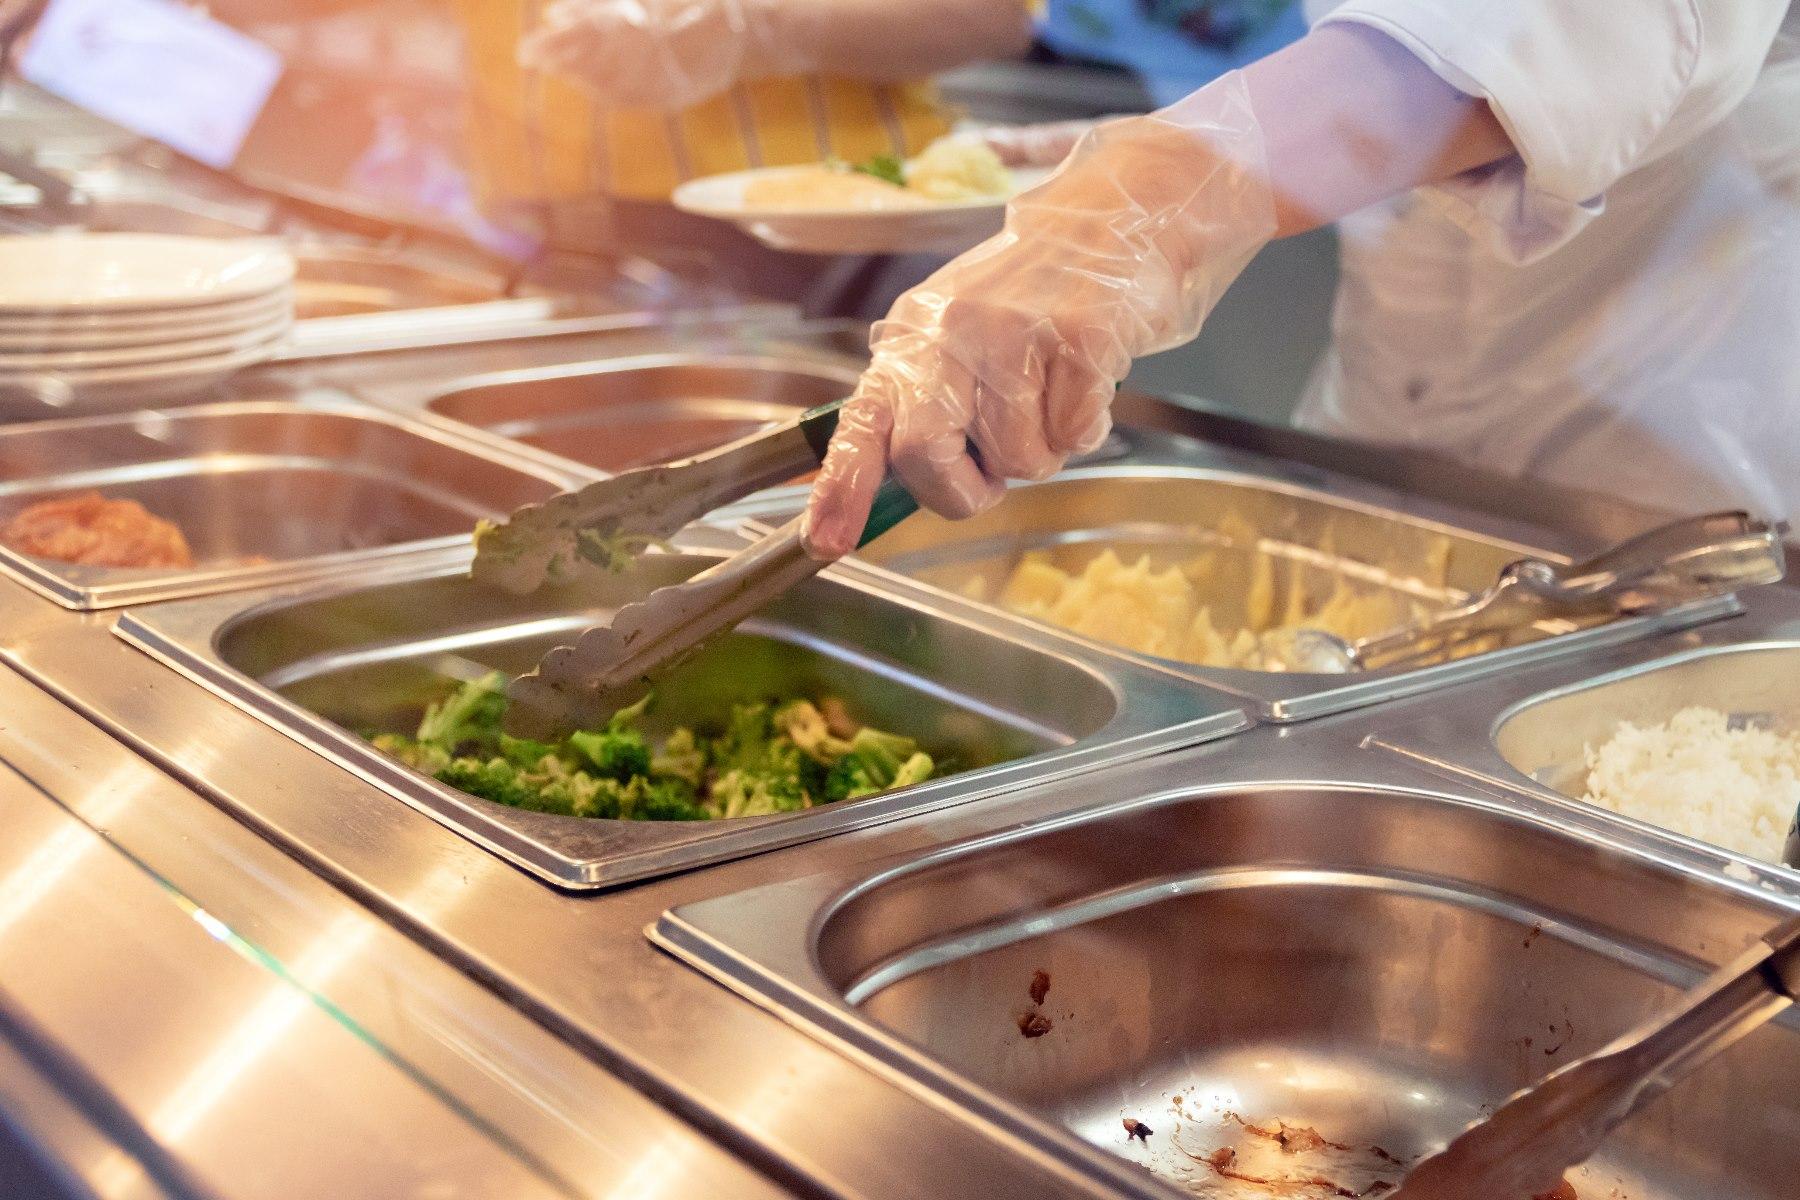 Testpflicht für Gastronomie umgehend aufheben